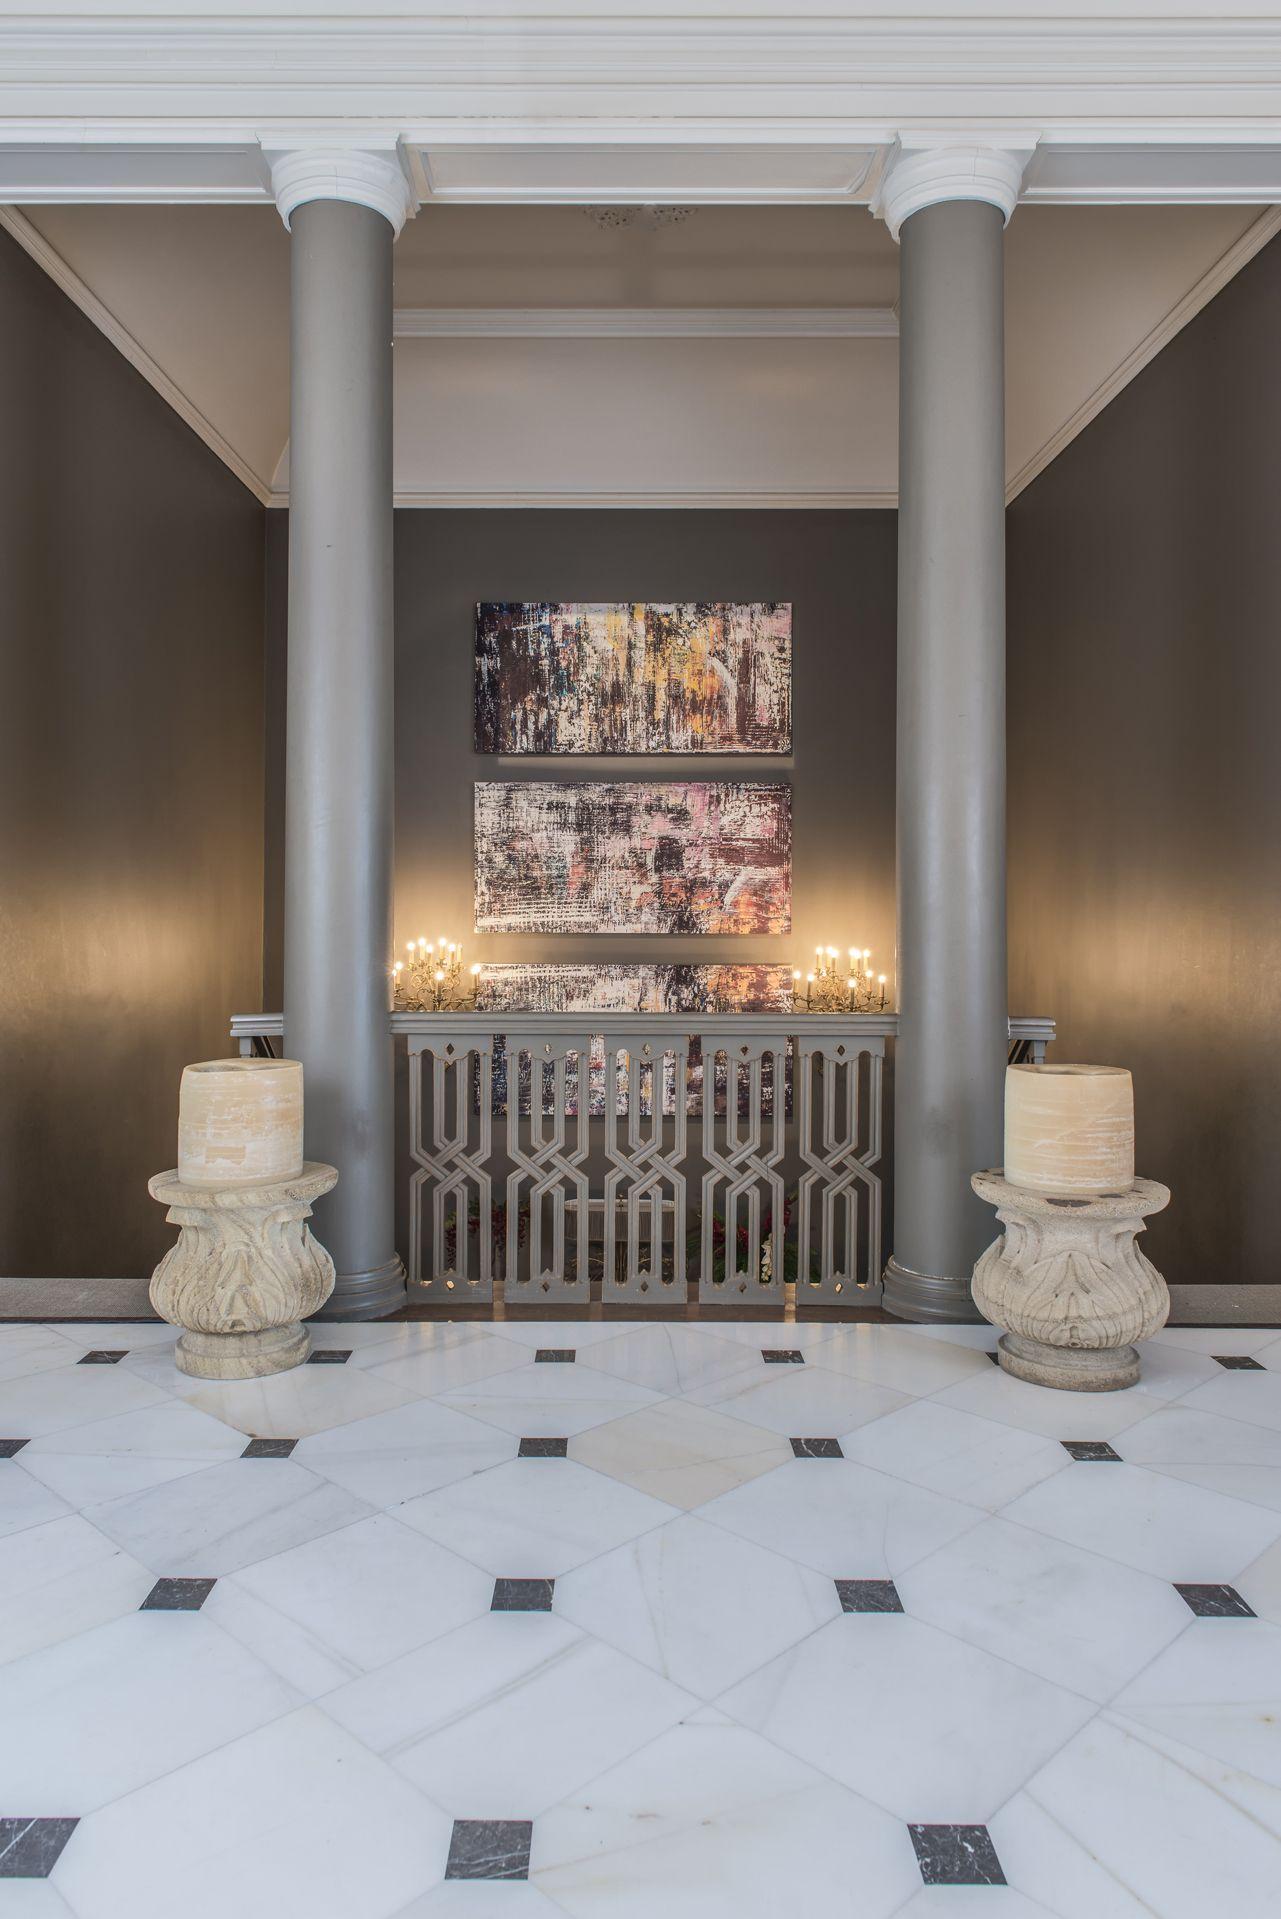 Note Baluster Pattern Edip Efendi Yalisi Sg Photography Decoraciones De Casa Decoracion De Unas Oficina En Casa